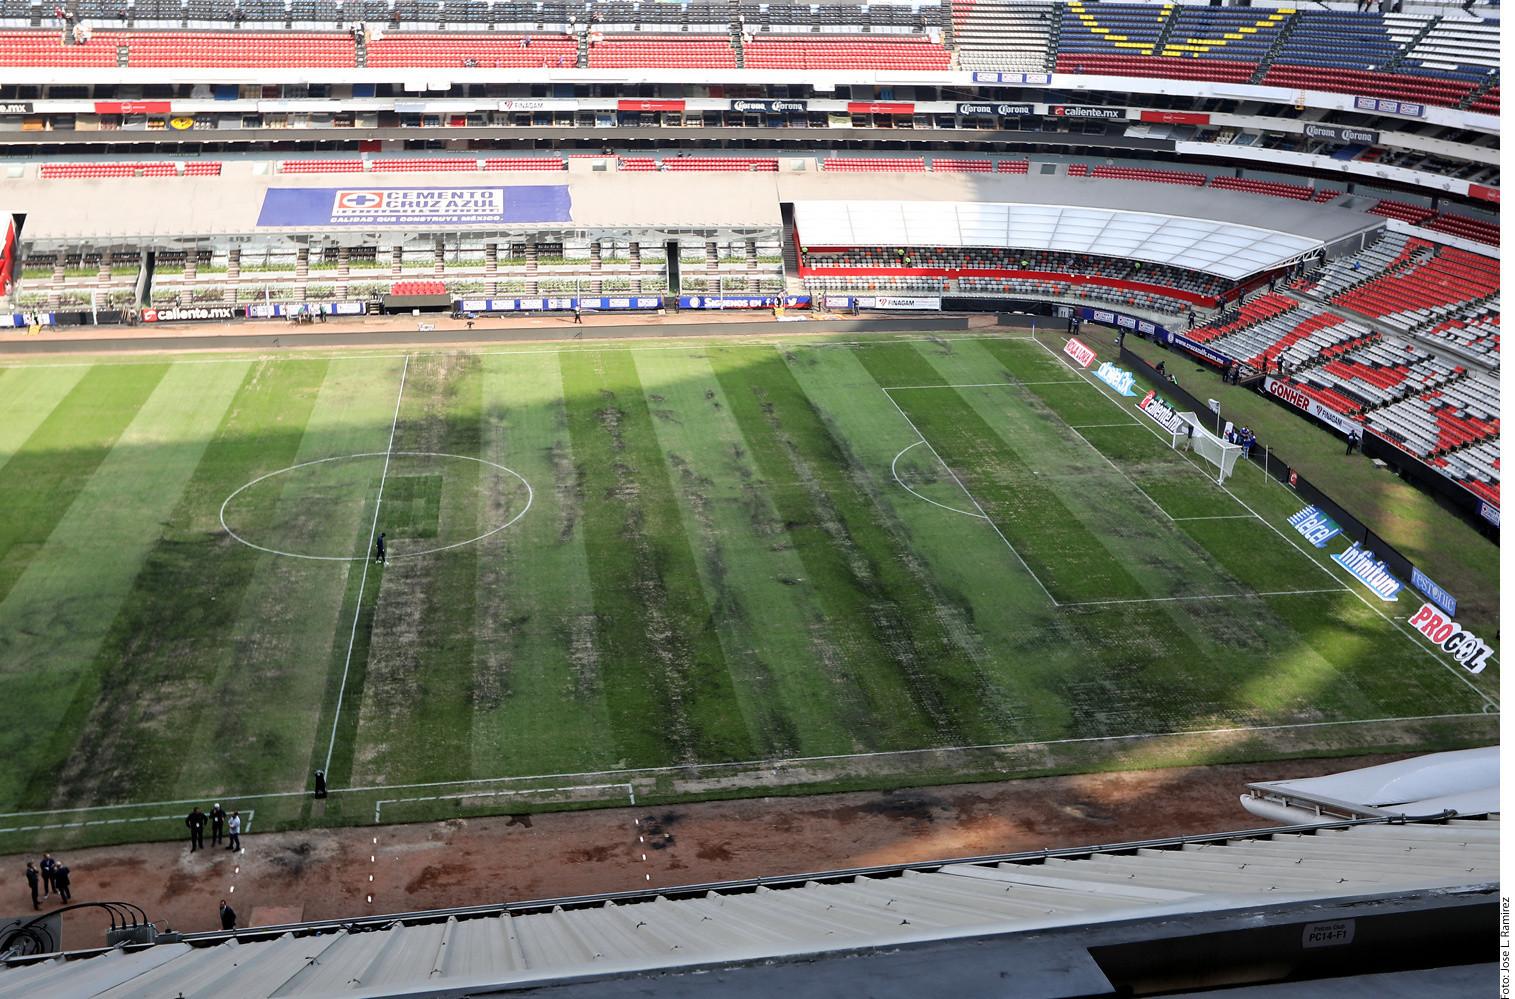 Peligra Juego De La Nfl De Rams Vs Chiefs En El Estadio Azteca Hoy